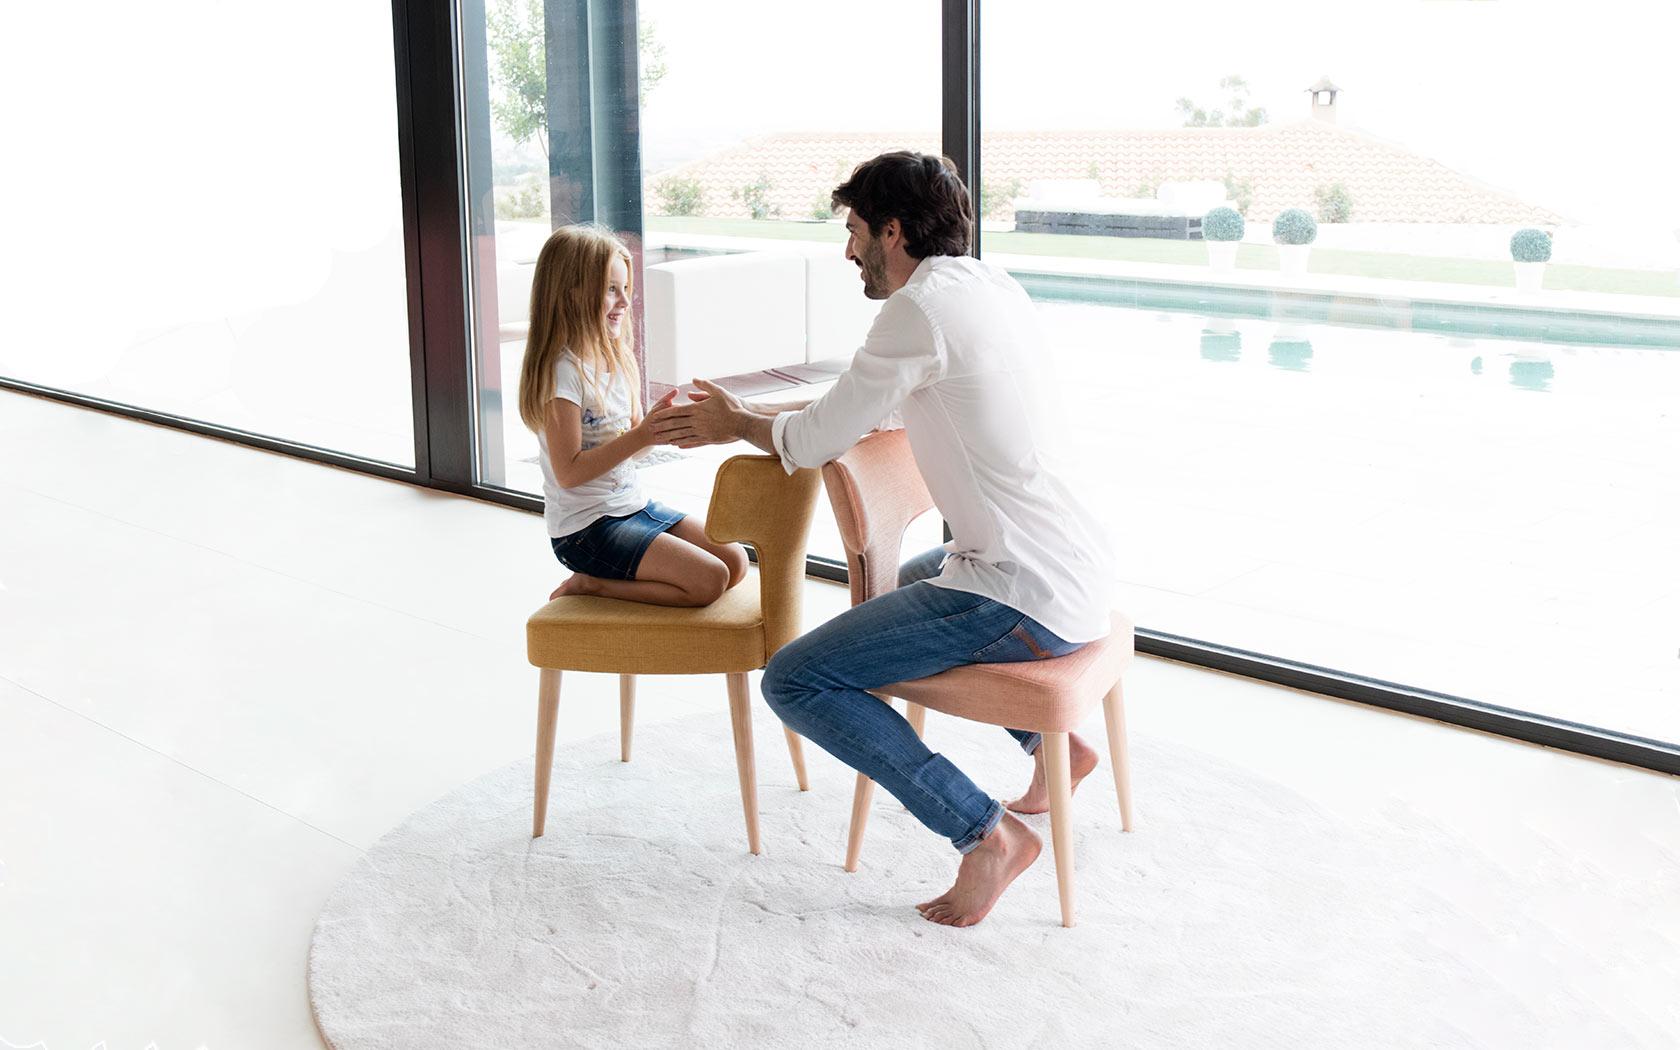 Mili y Lalo sillas Fama 2018 02